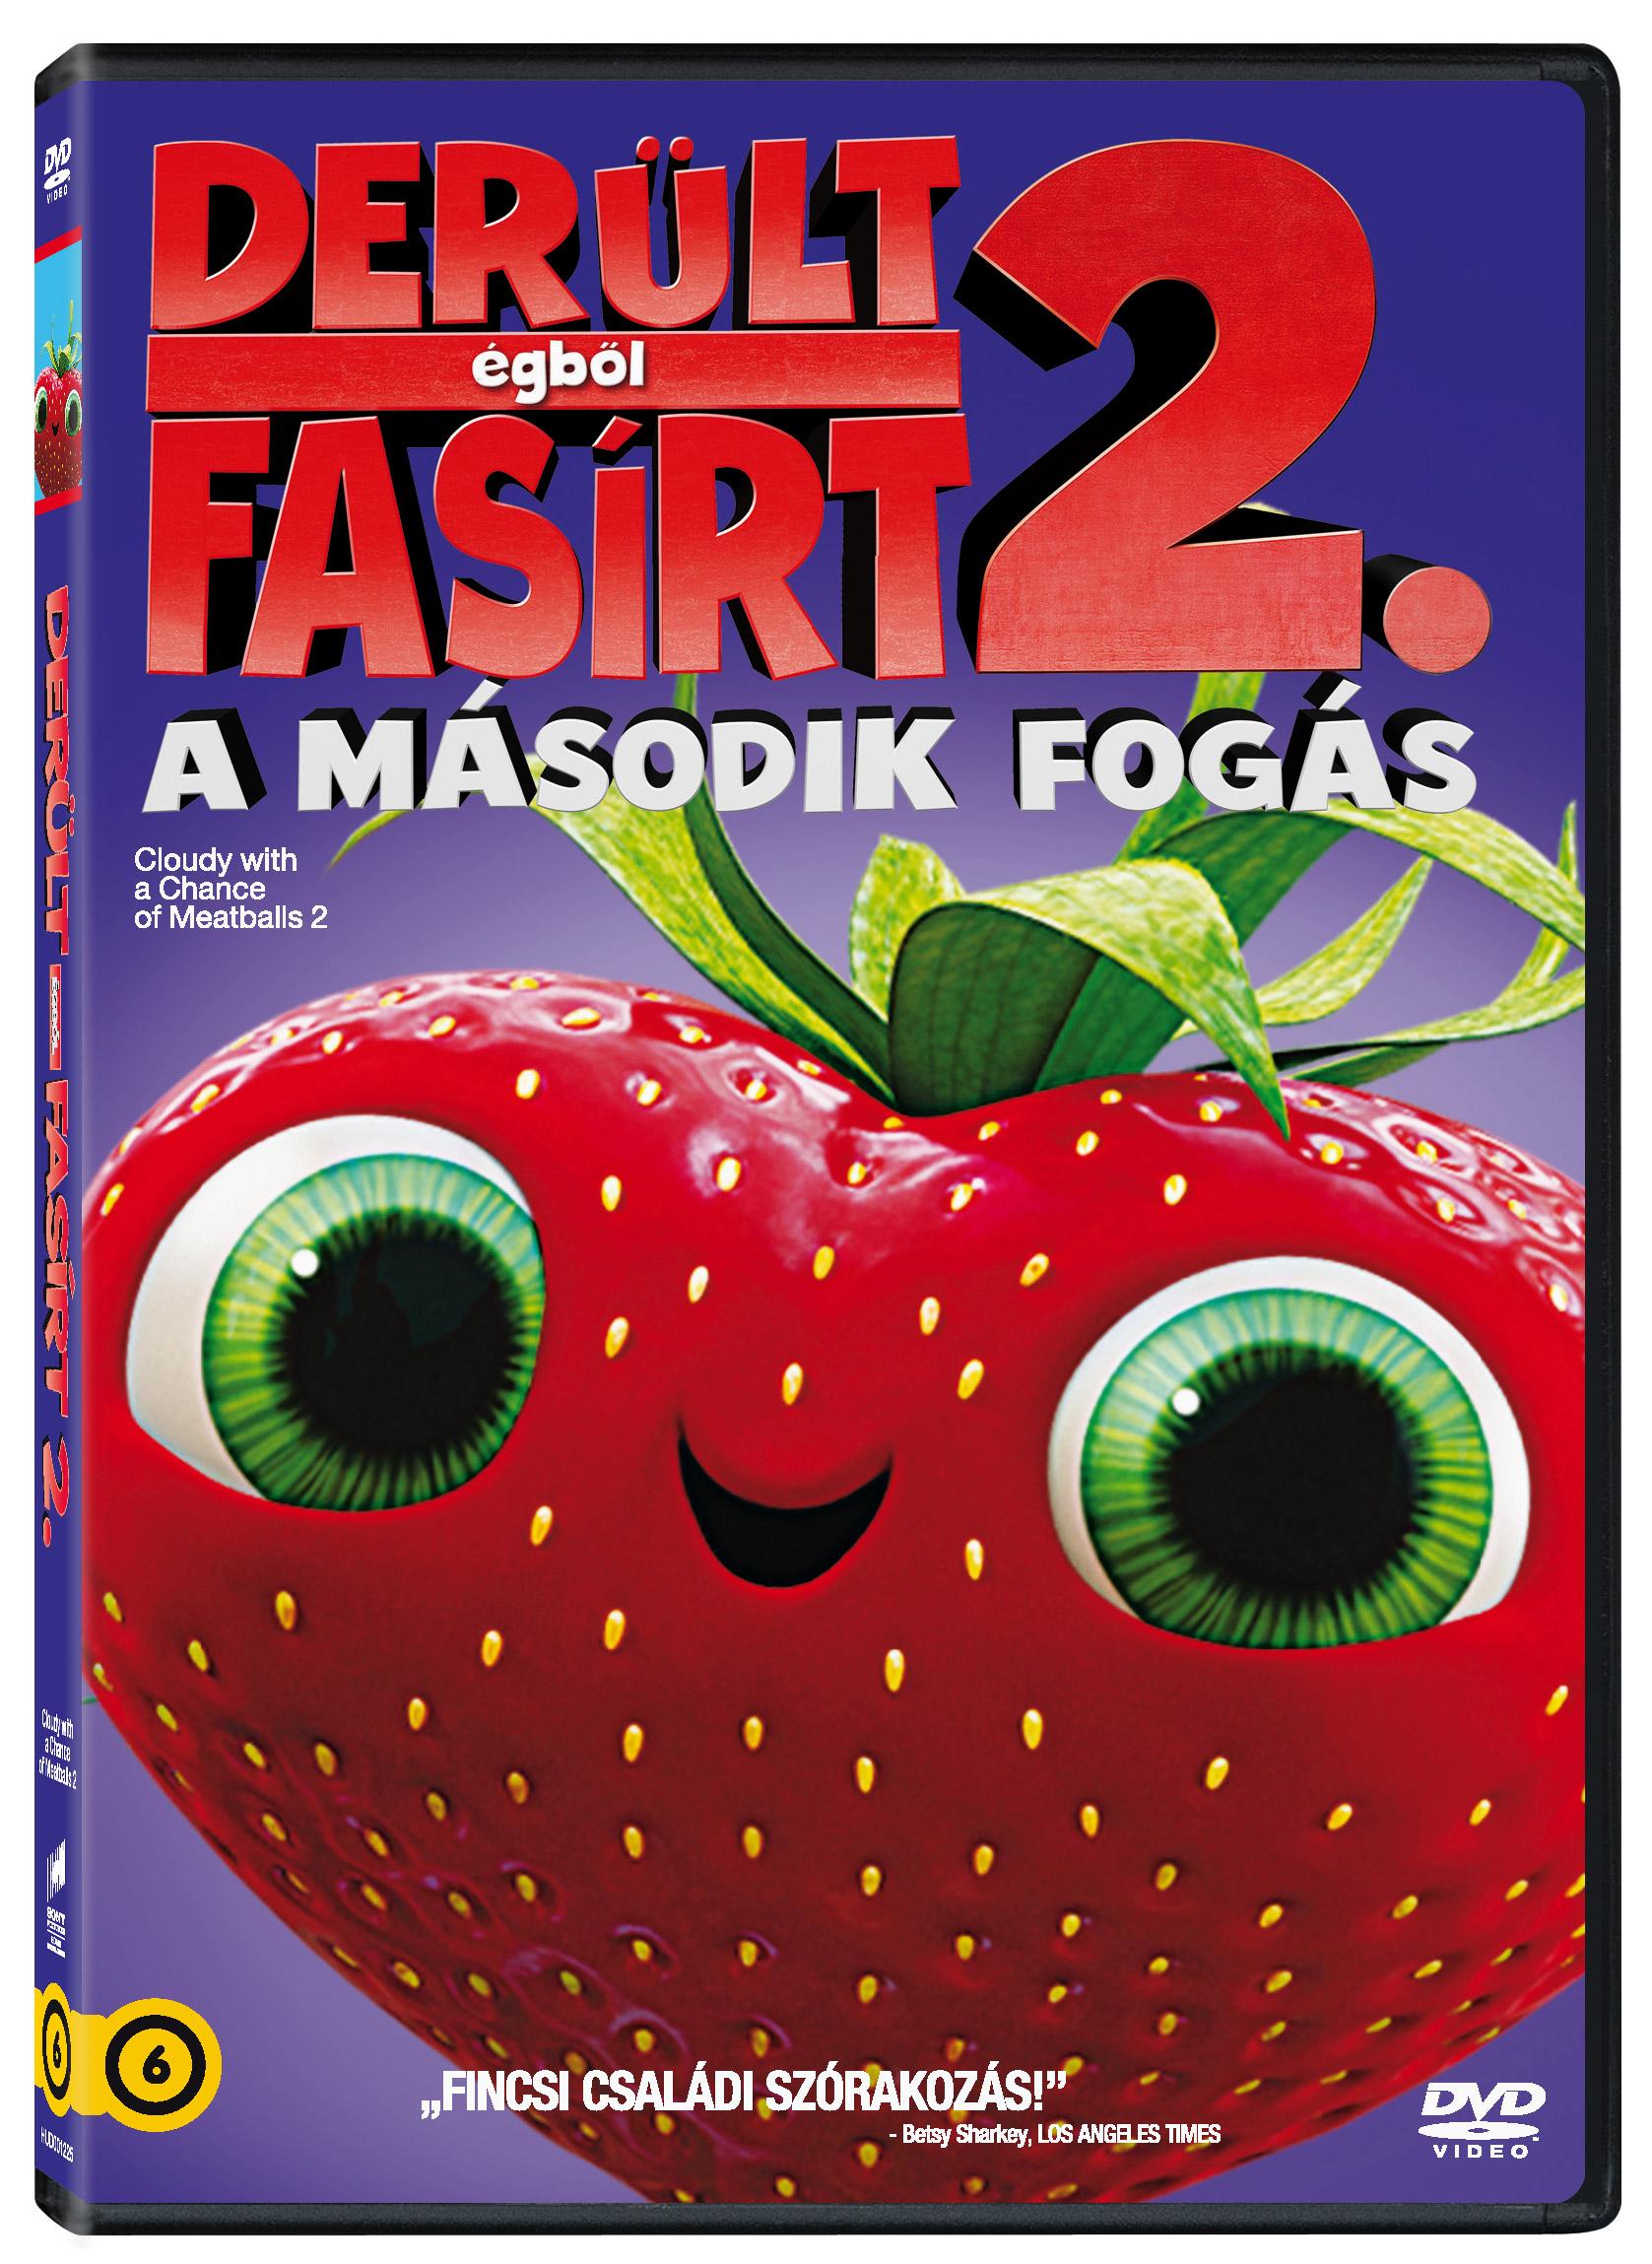 Der�lt �gb�l fas�rt 2 - A m�sodik fog�s DVD